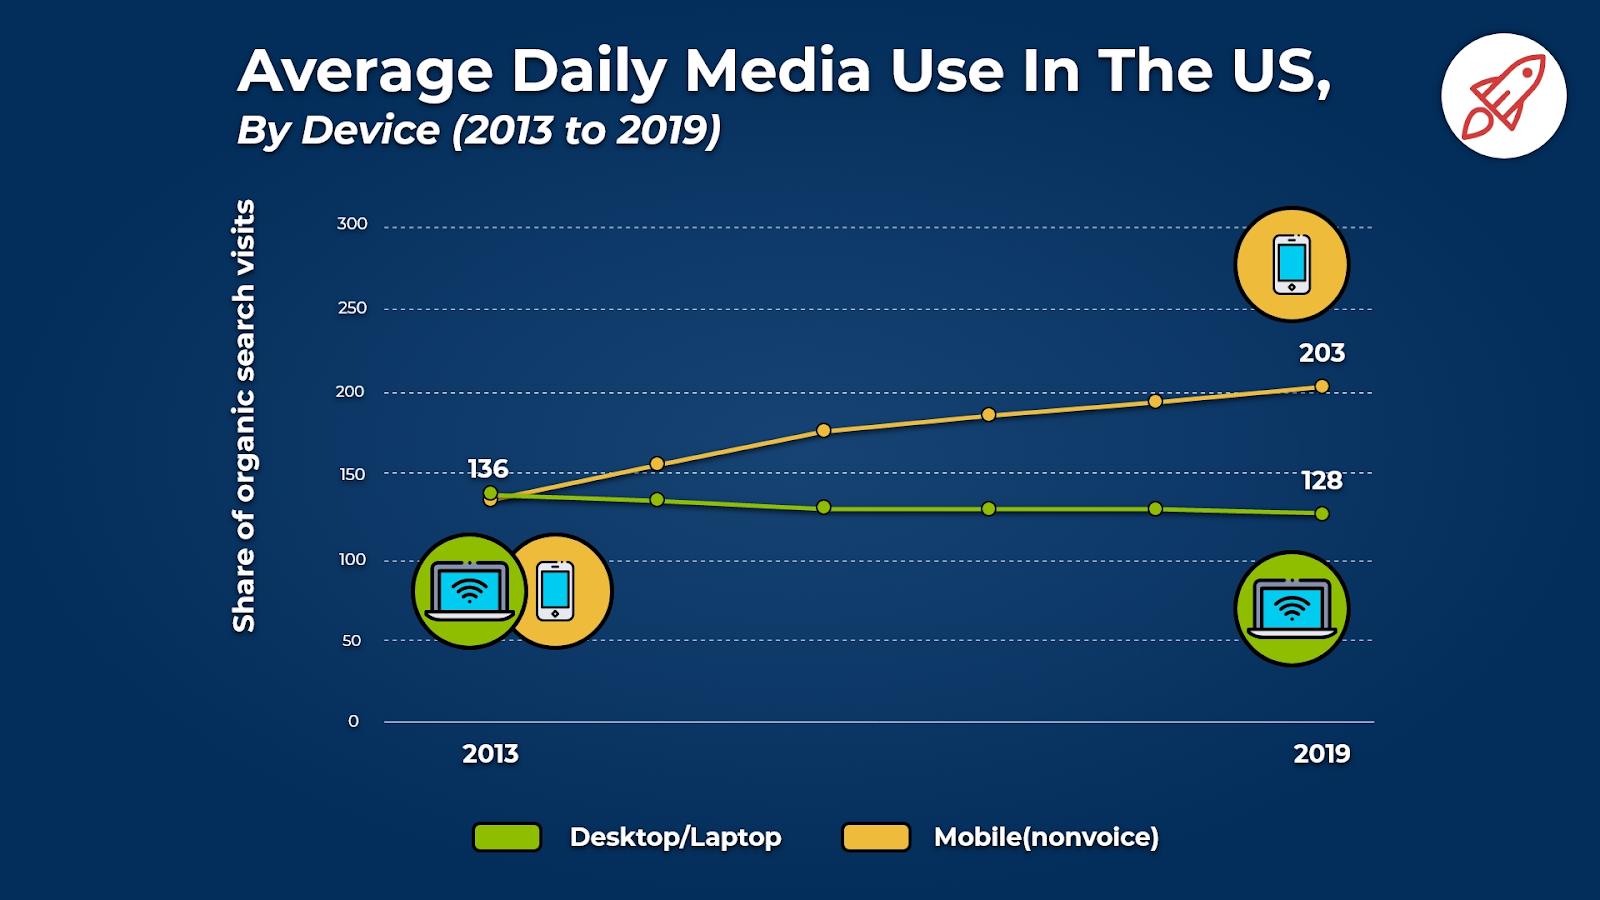 Daily media use